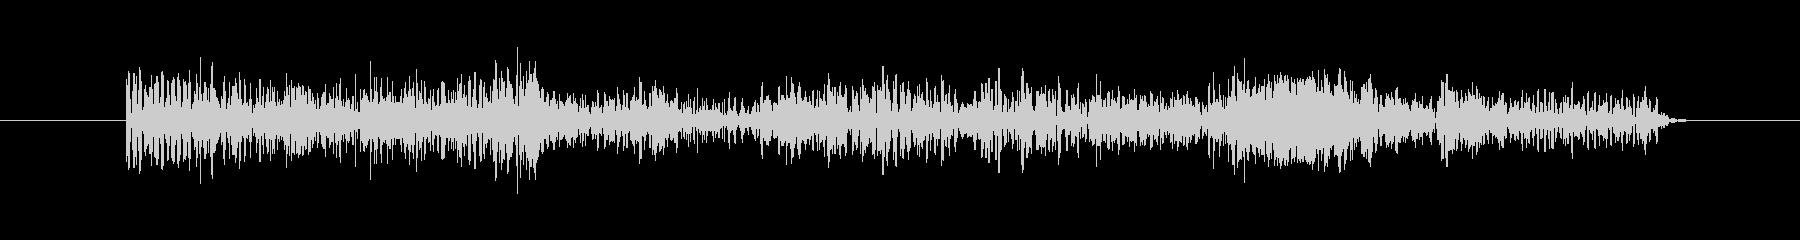 ノイズ ゴミスラープ01の未再生の波形